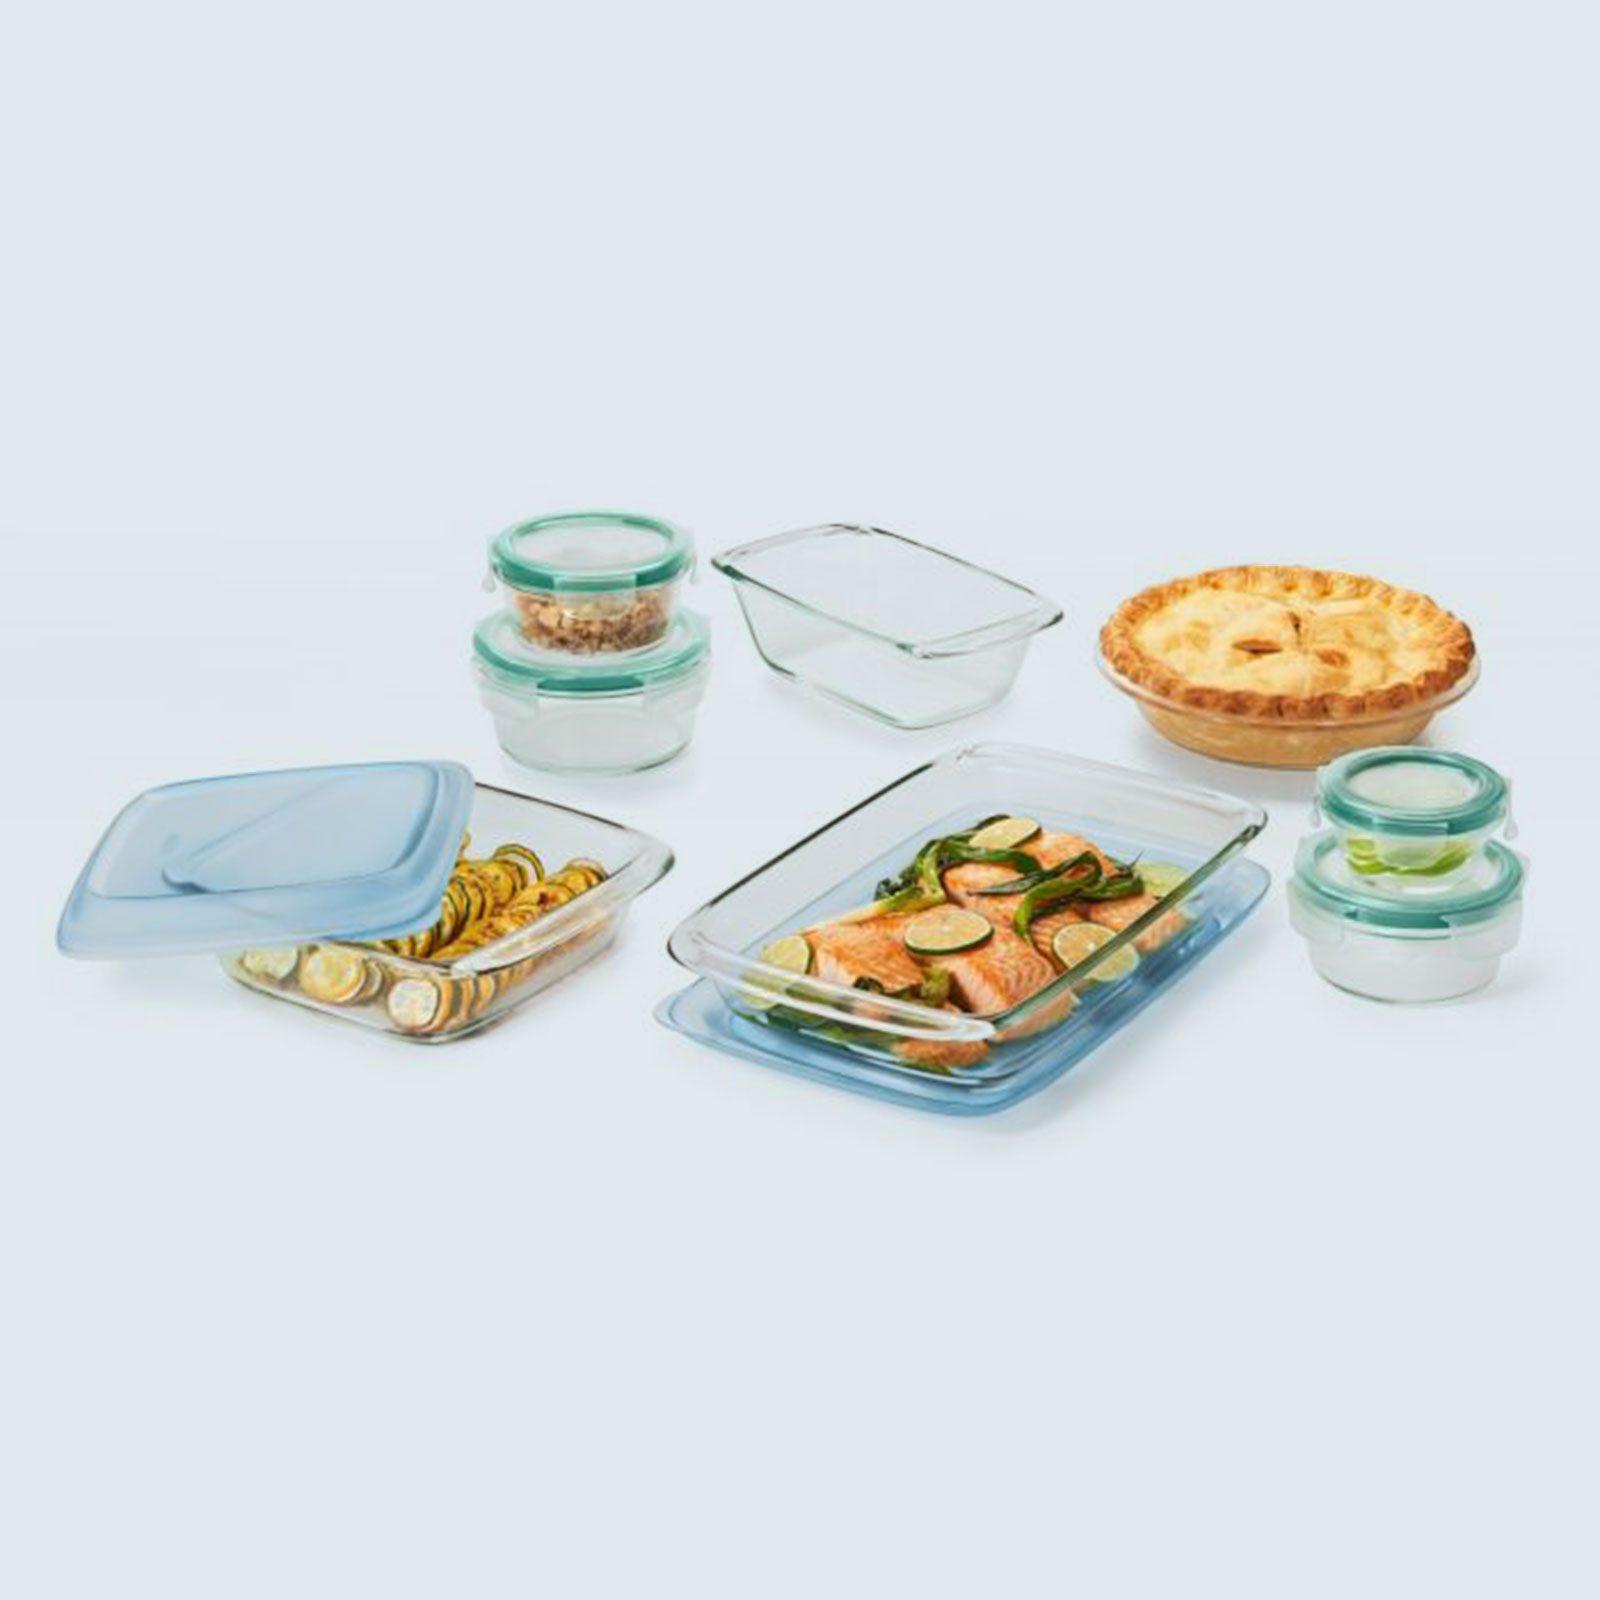 OXO 14-Piece Glass Bake, Serve & Store Set